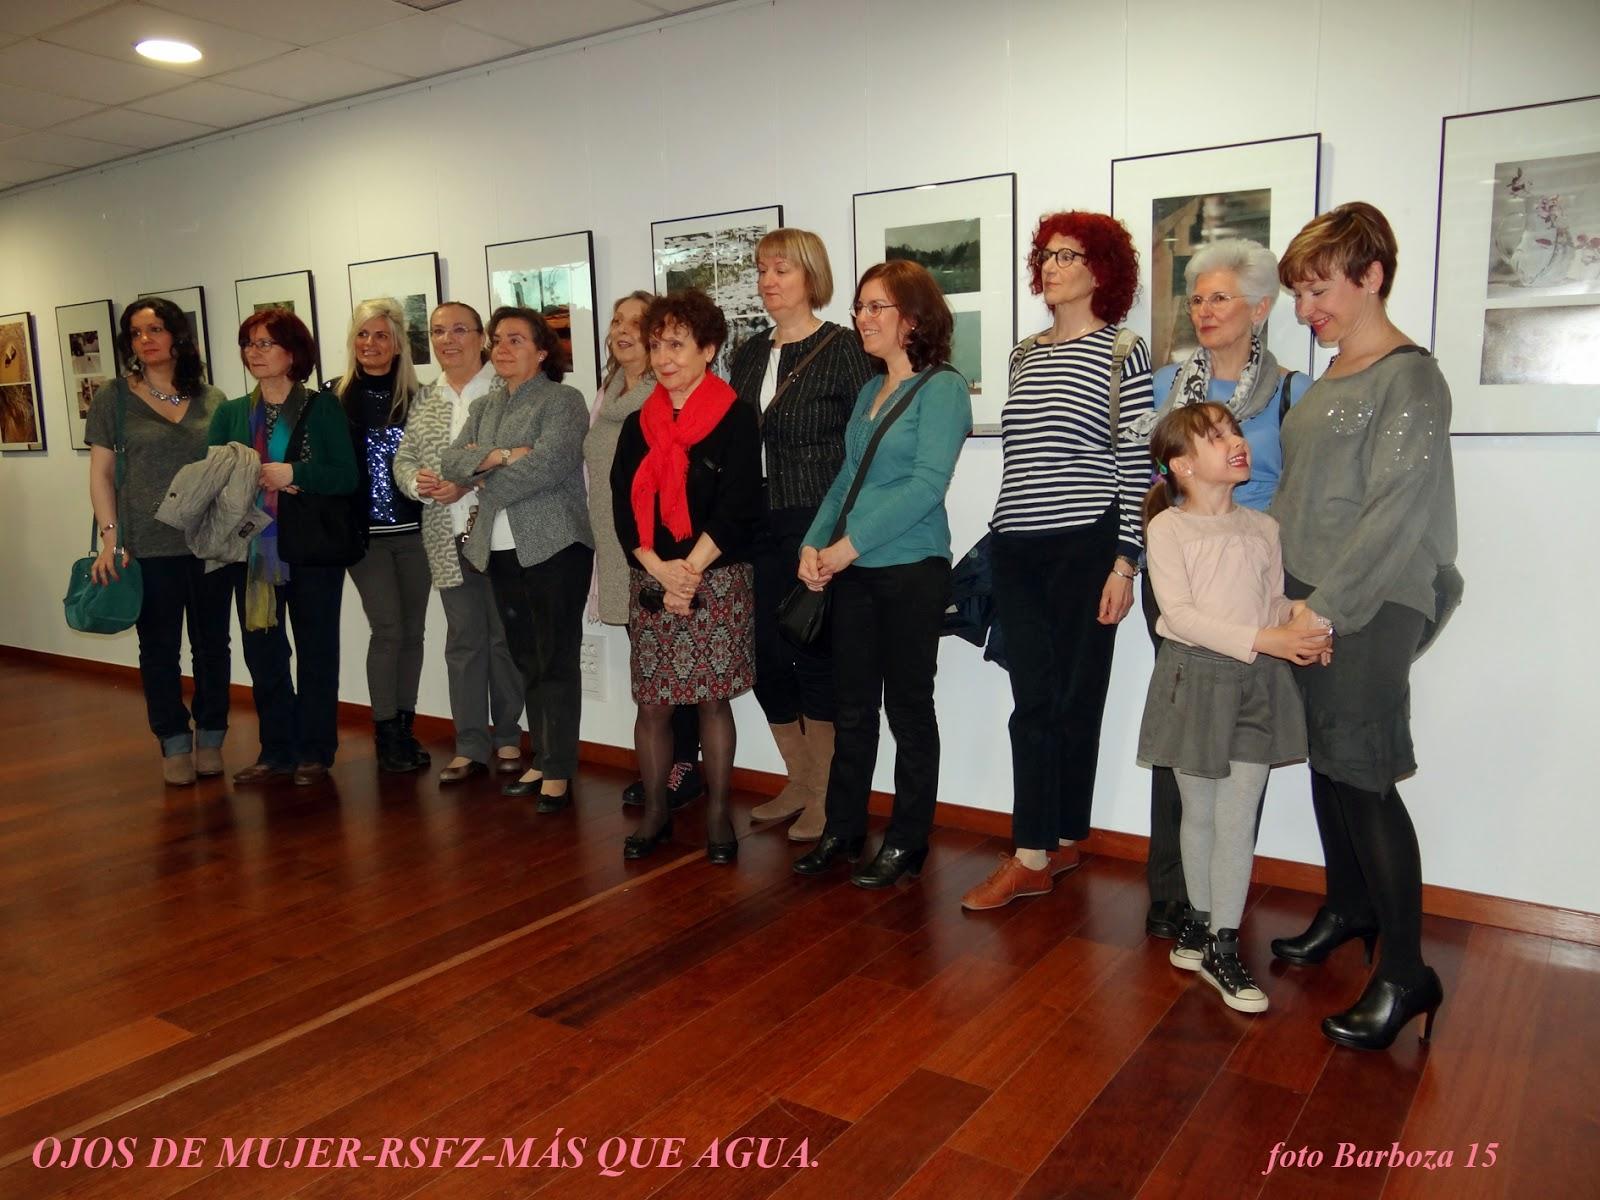 Blog de los artistas carlos barboza teresa grasa y aurelio grasa ojos de mujer m s que agua - Club nautico zaragoza ...